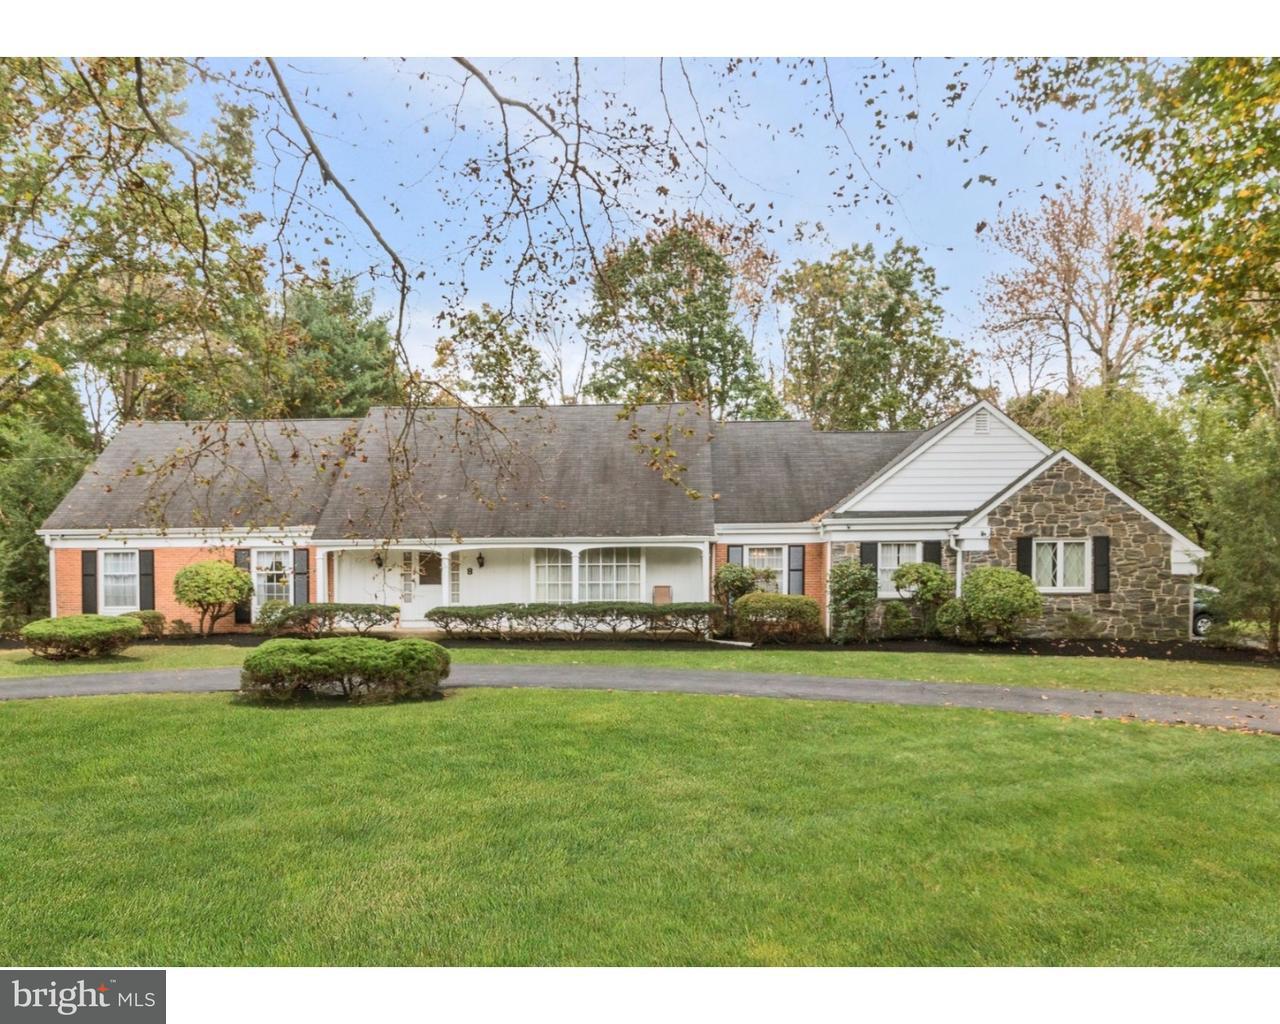 Casa Unifamiliar por un Venta en 8 CREEK RIM Drive Titusville, Nueva Jersey 08560 Estados UnidosEn/Alrededor: Hopewell Township